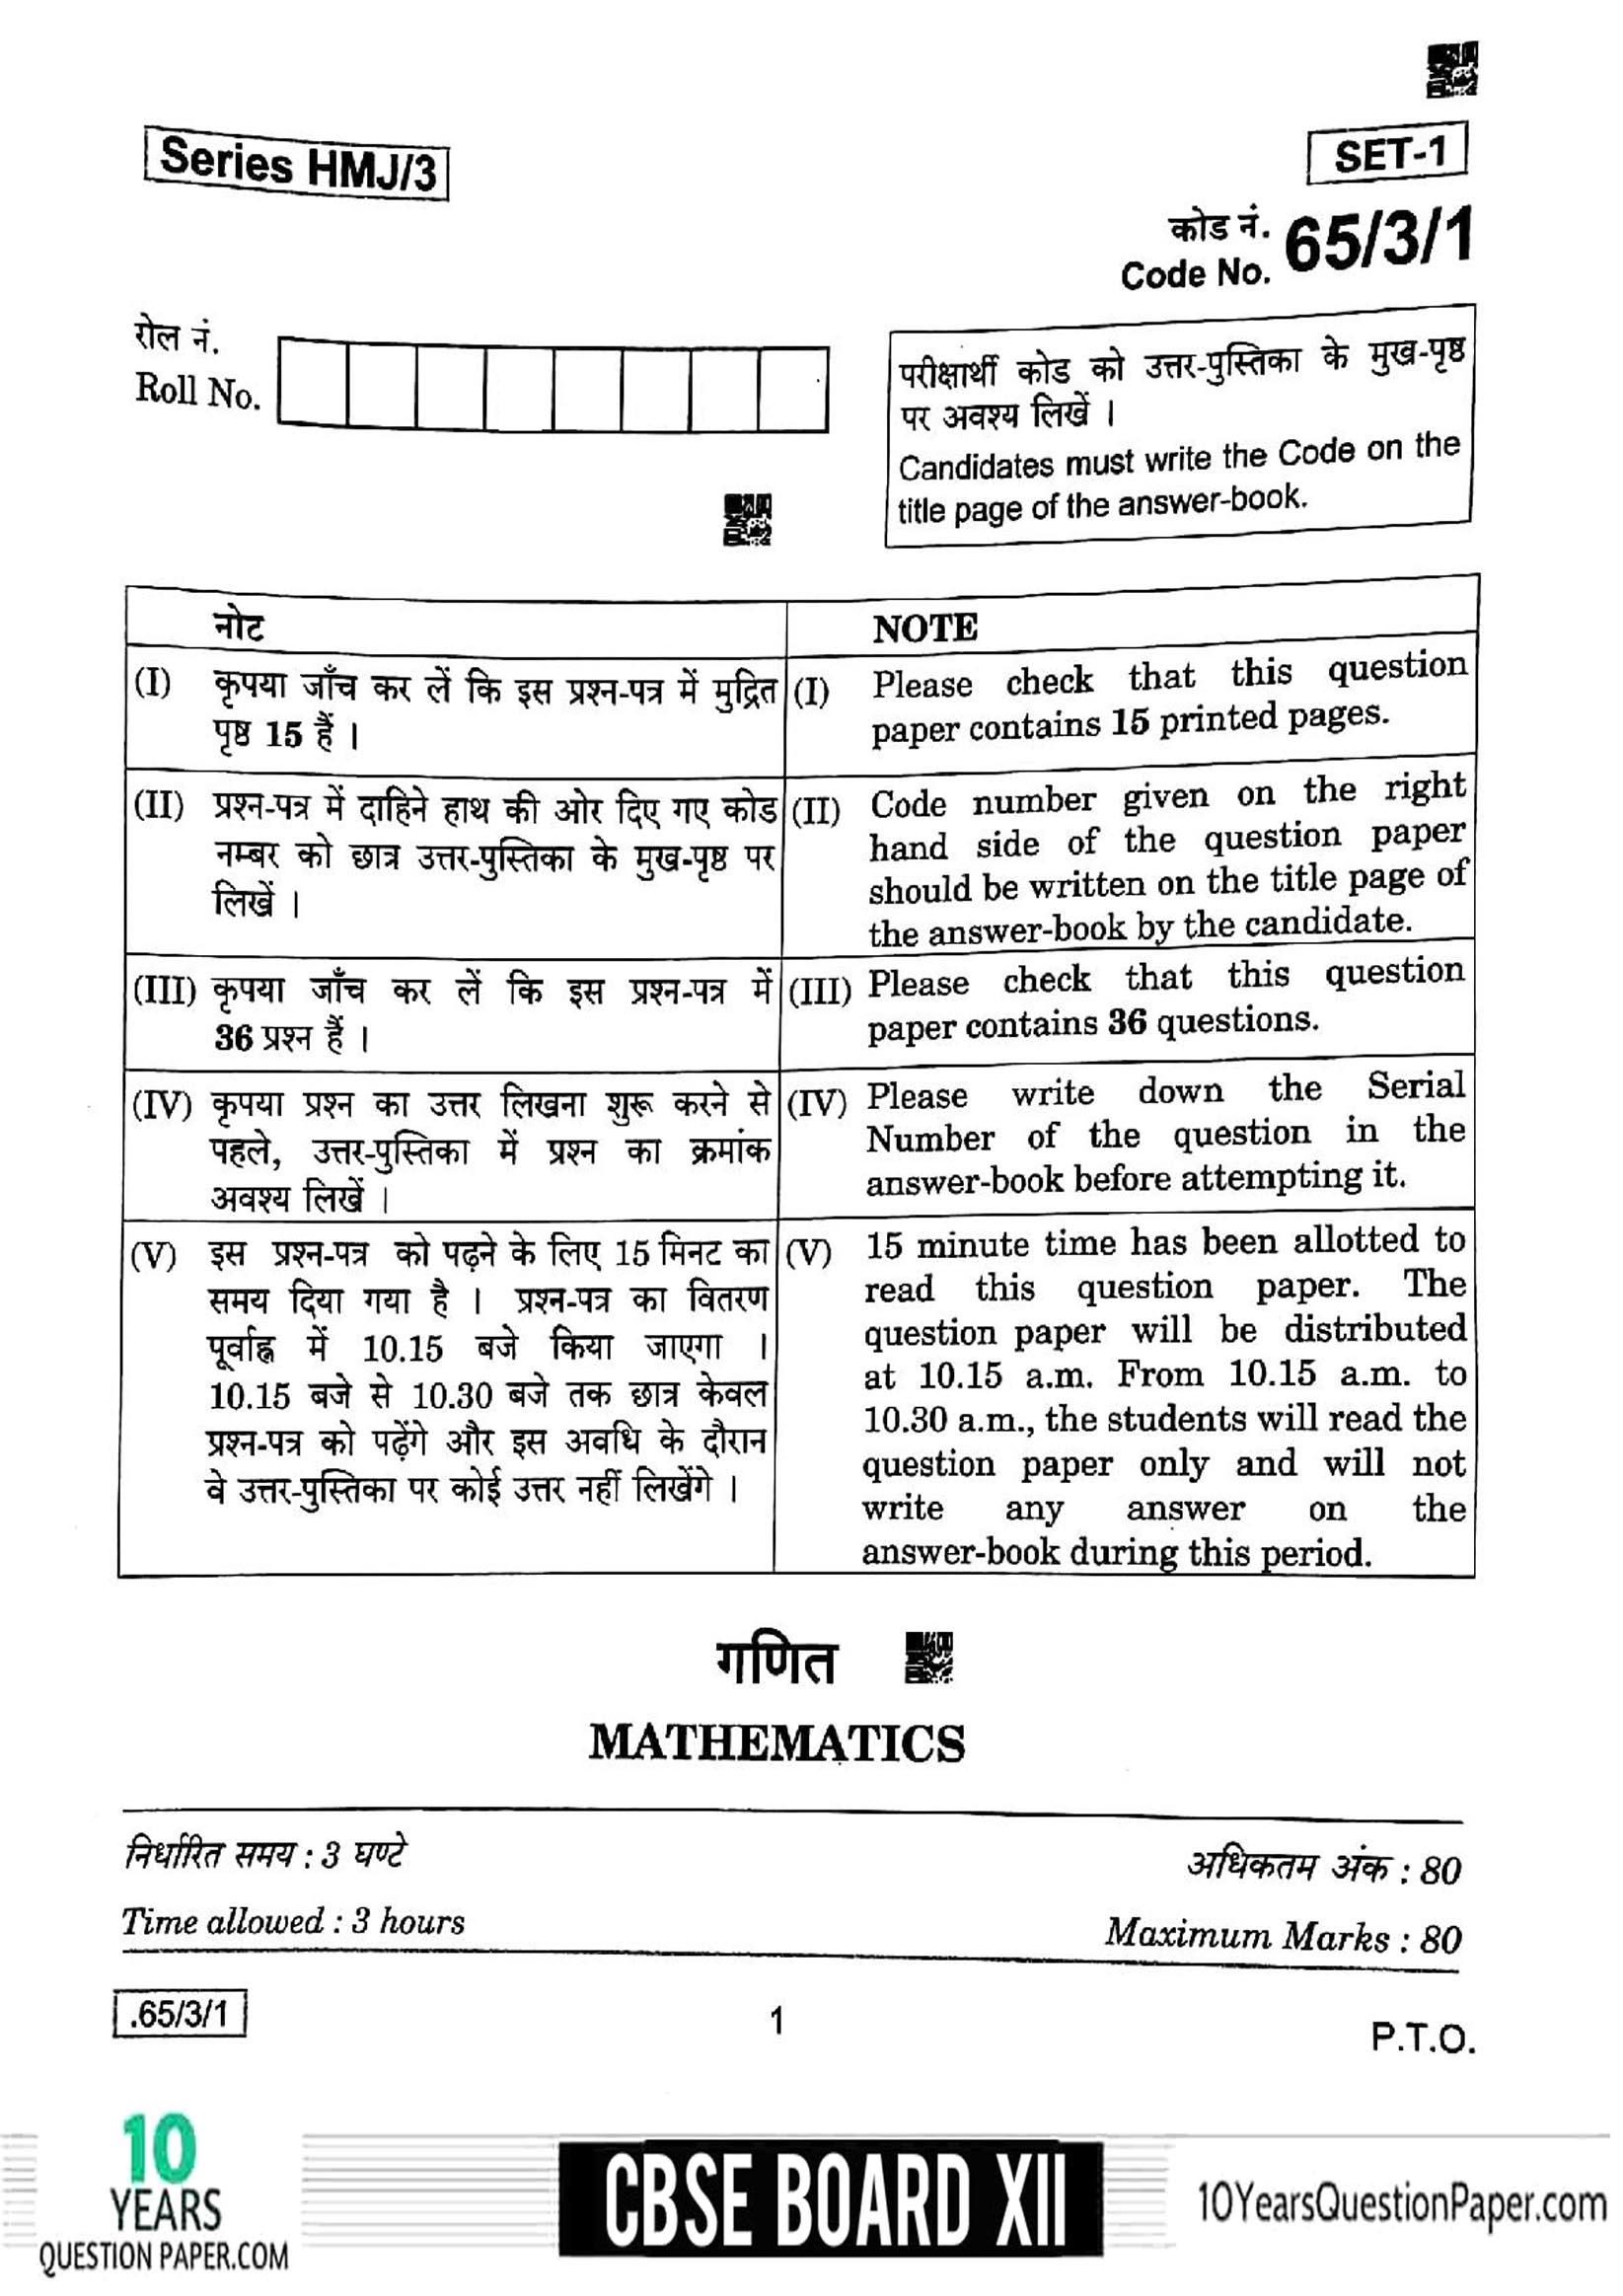 CBSE Class 12 Maths 2020 Question Paper 01